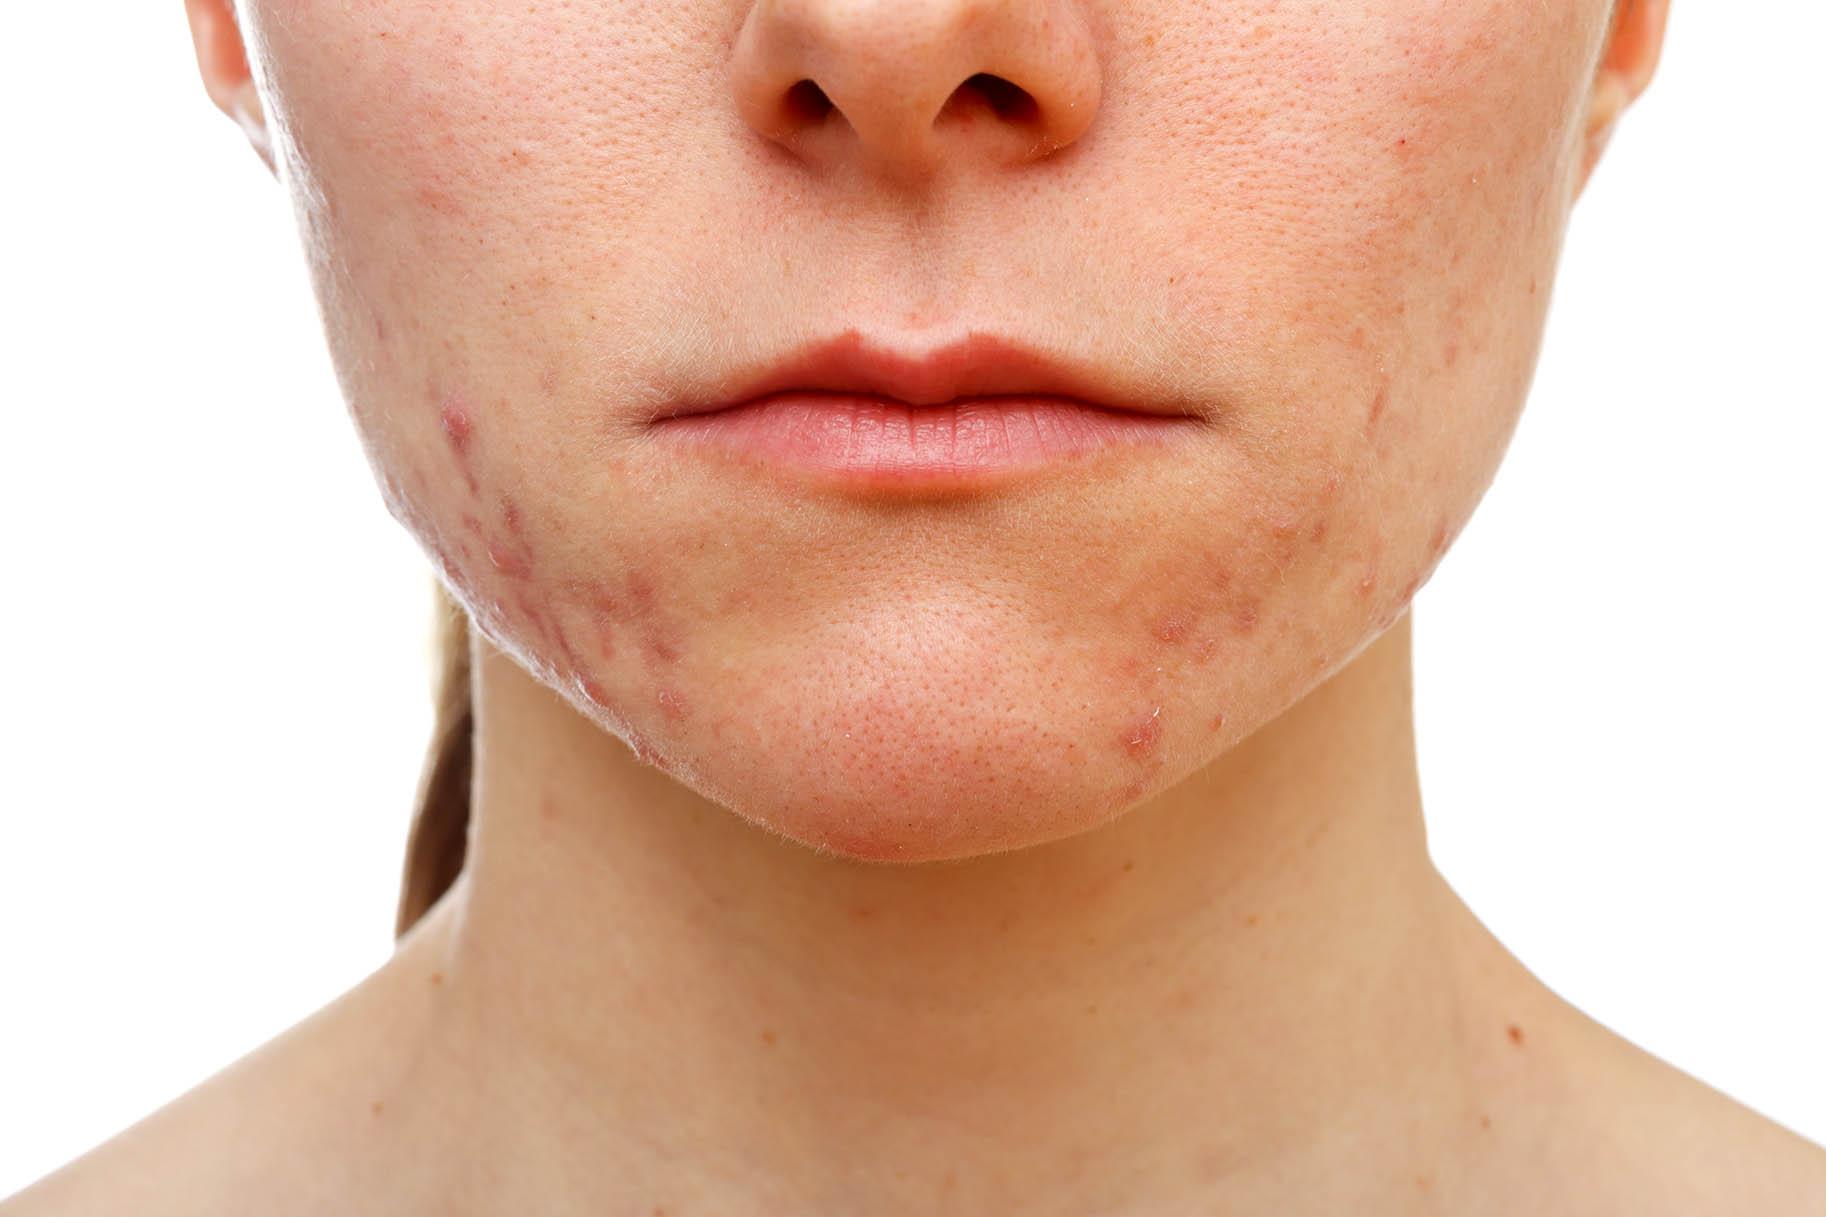 volto di ragazza affetta da acne giovanile